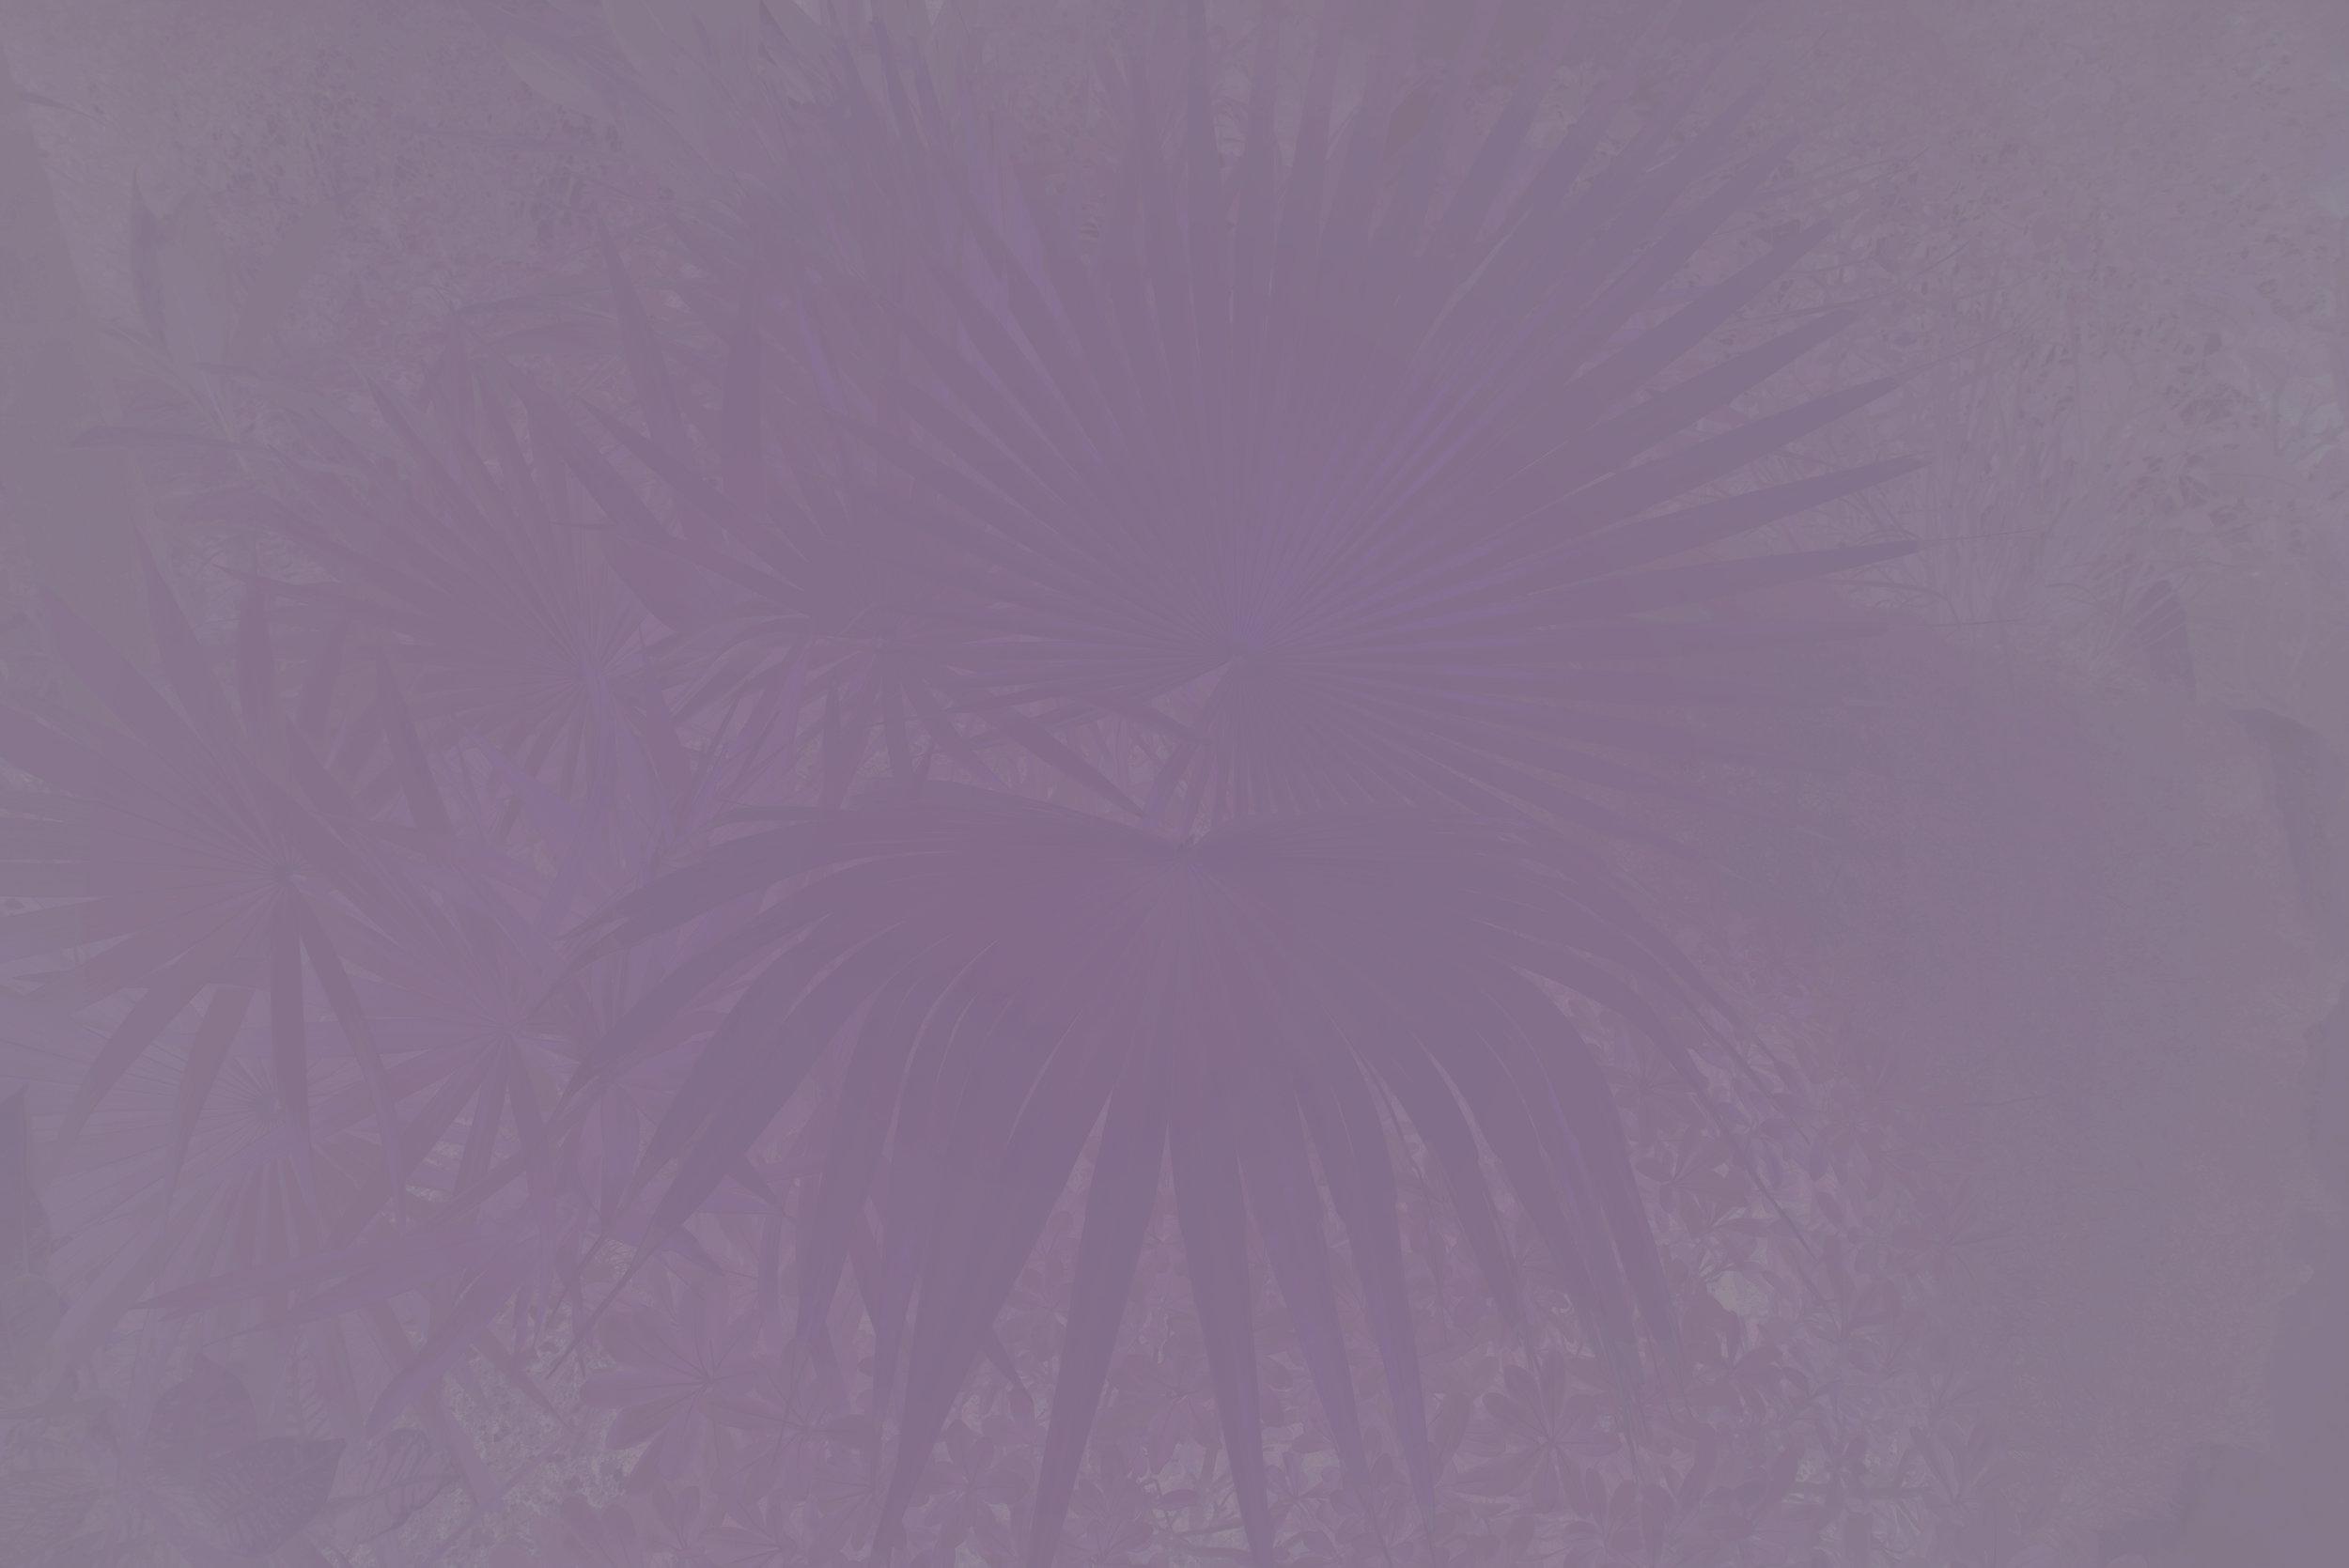 Violet Afterimage